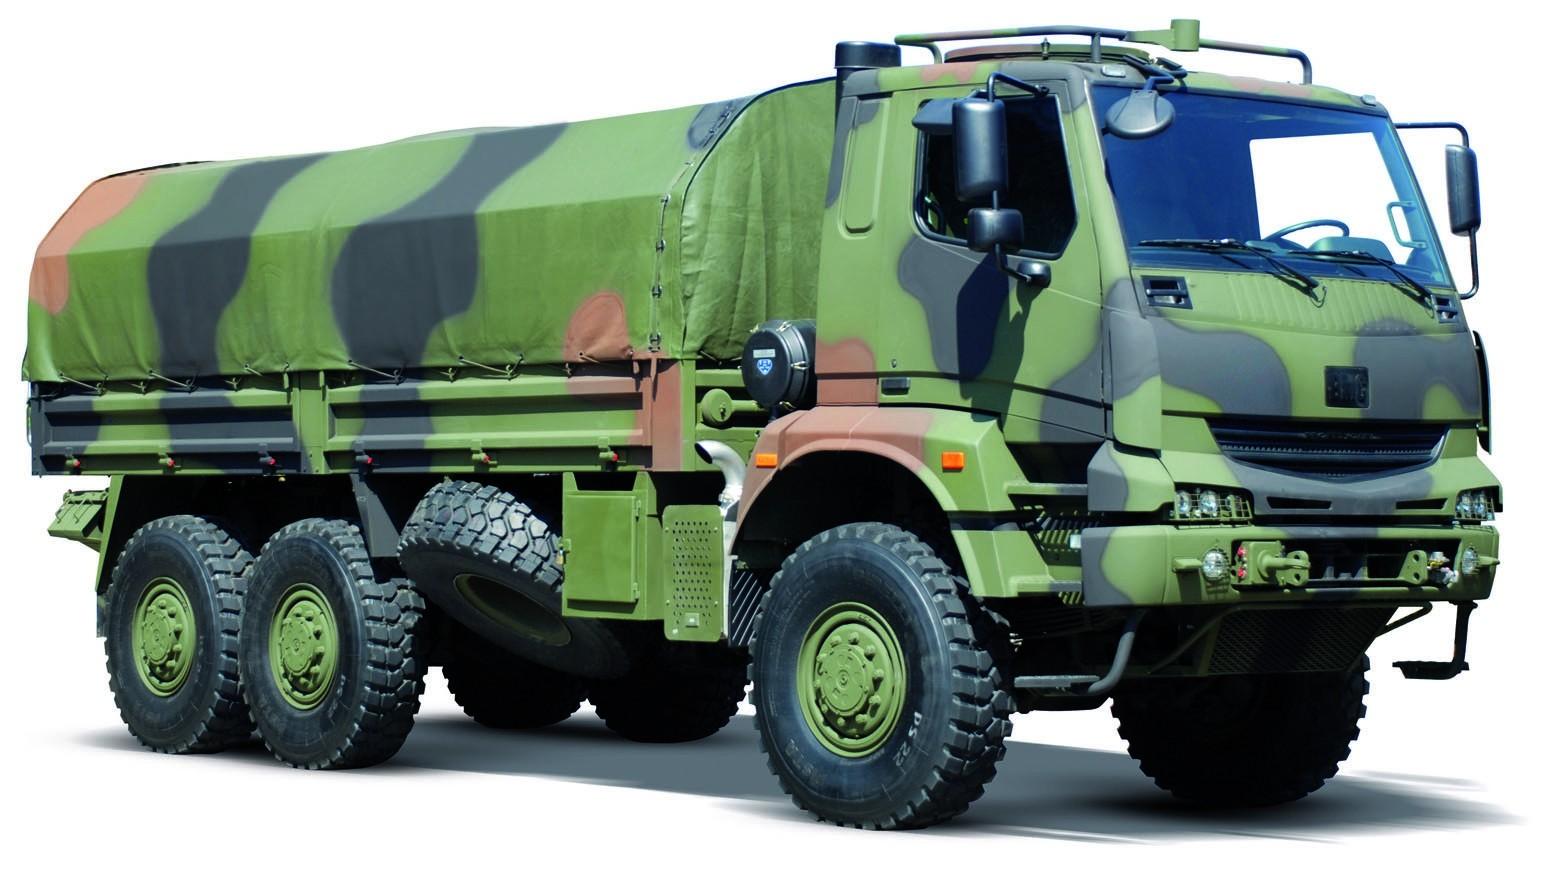 Тяжелый 385-сильный автомобиль BMC 380-26P с новой кабиной